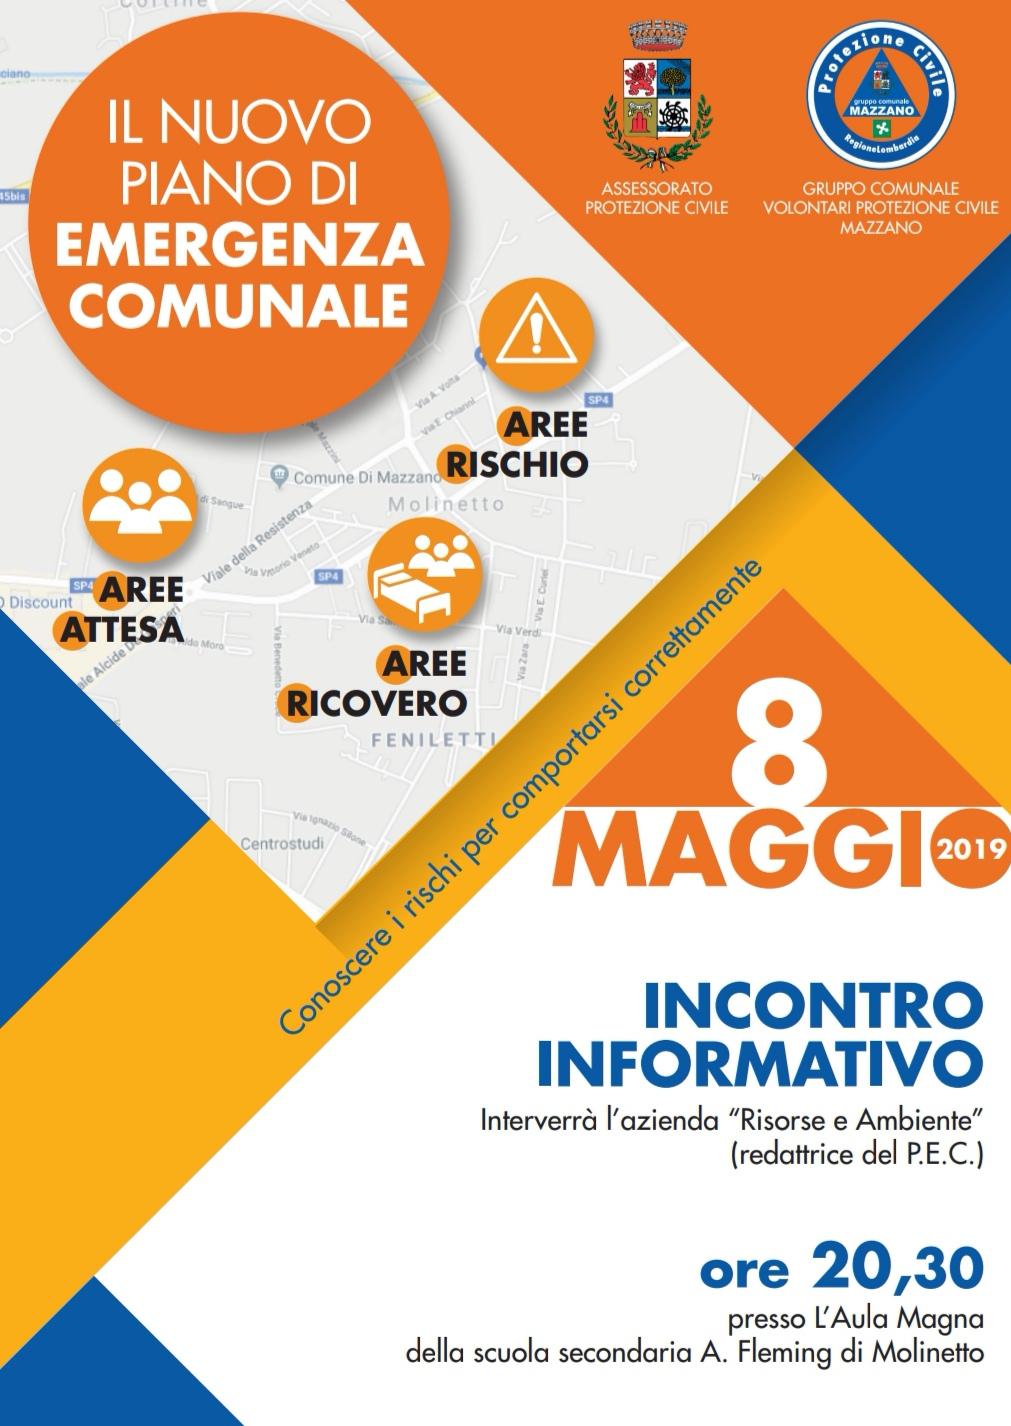 Il nuovo Piano di Emergenza Comunale - Incontro Informativo